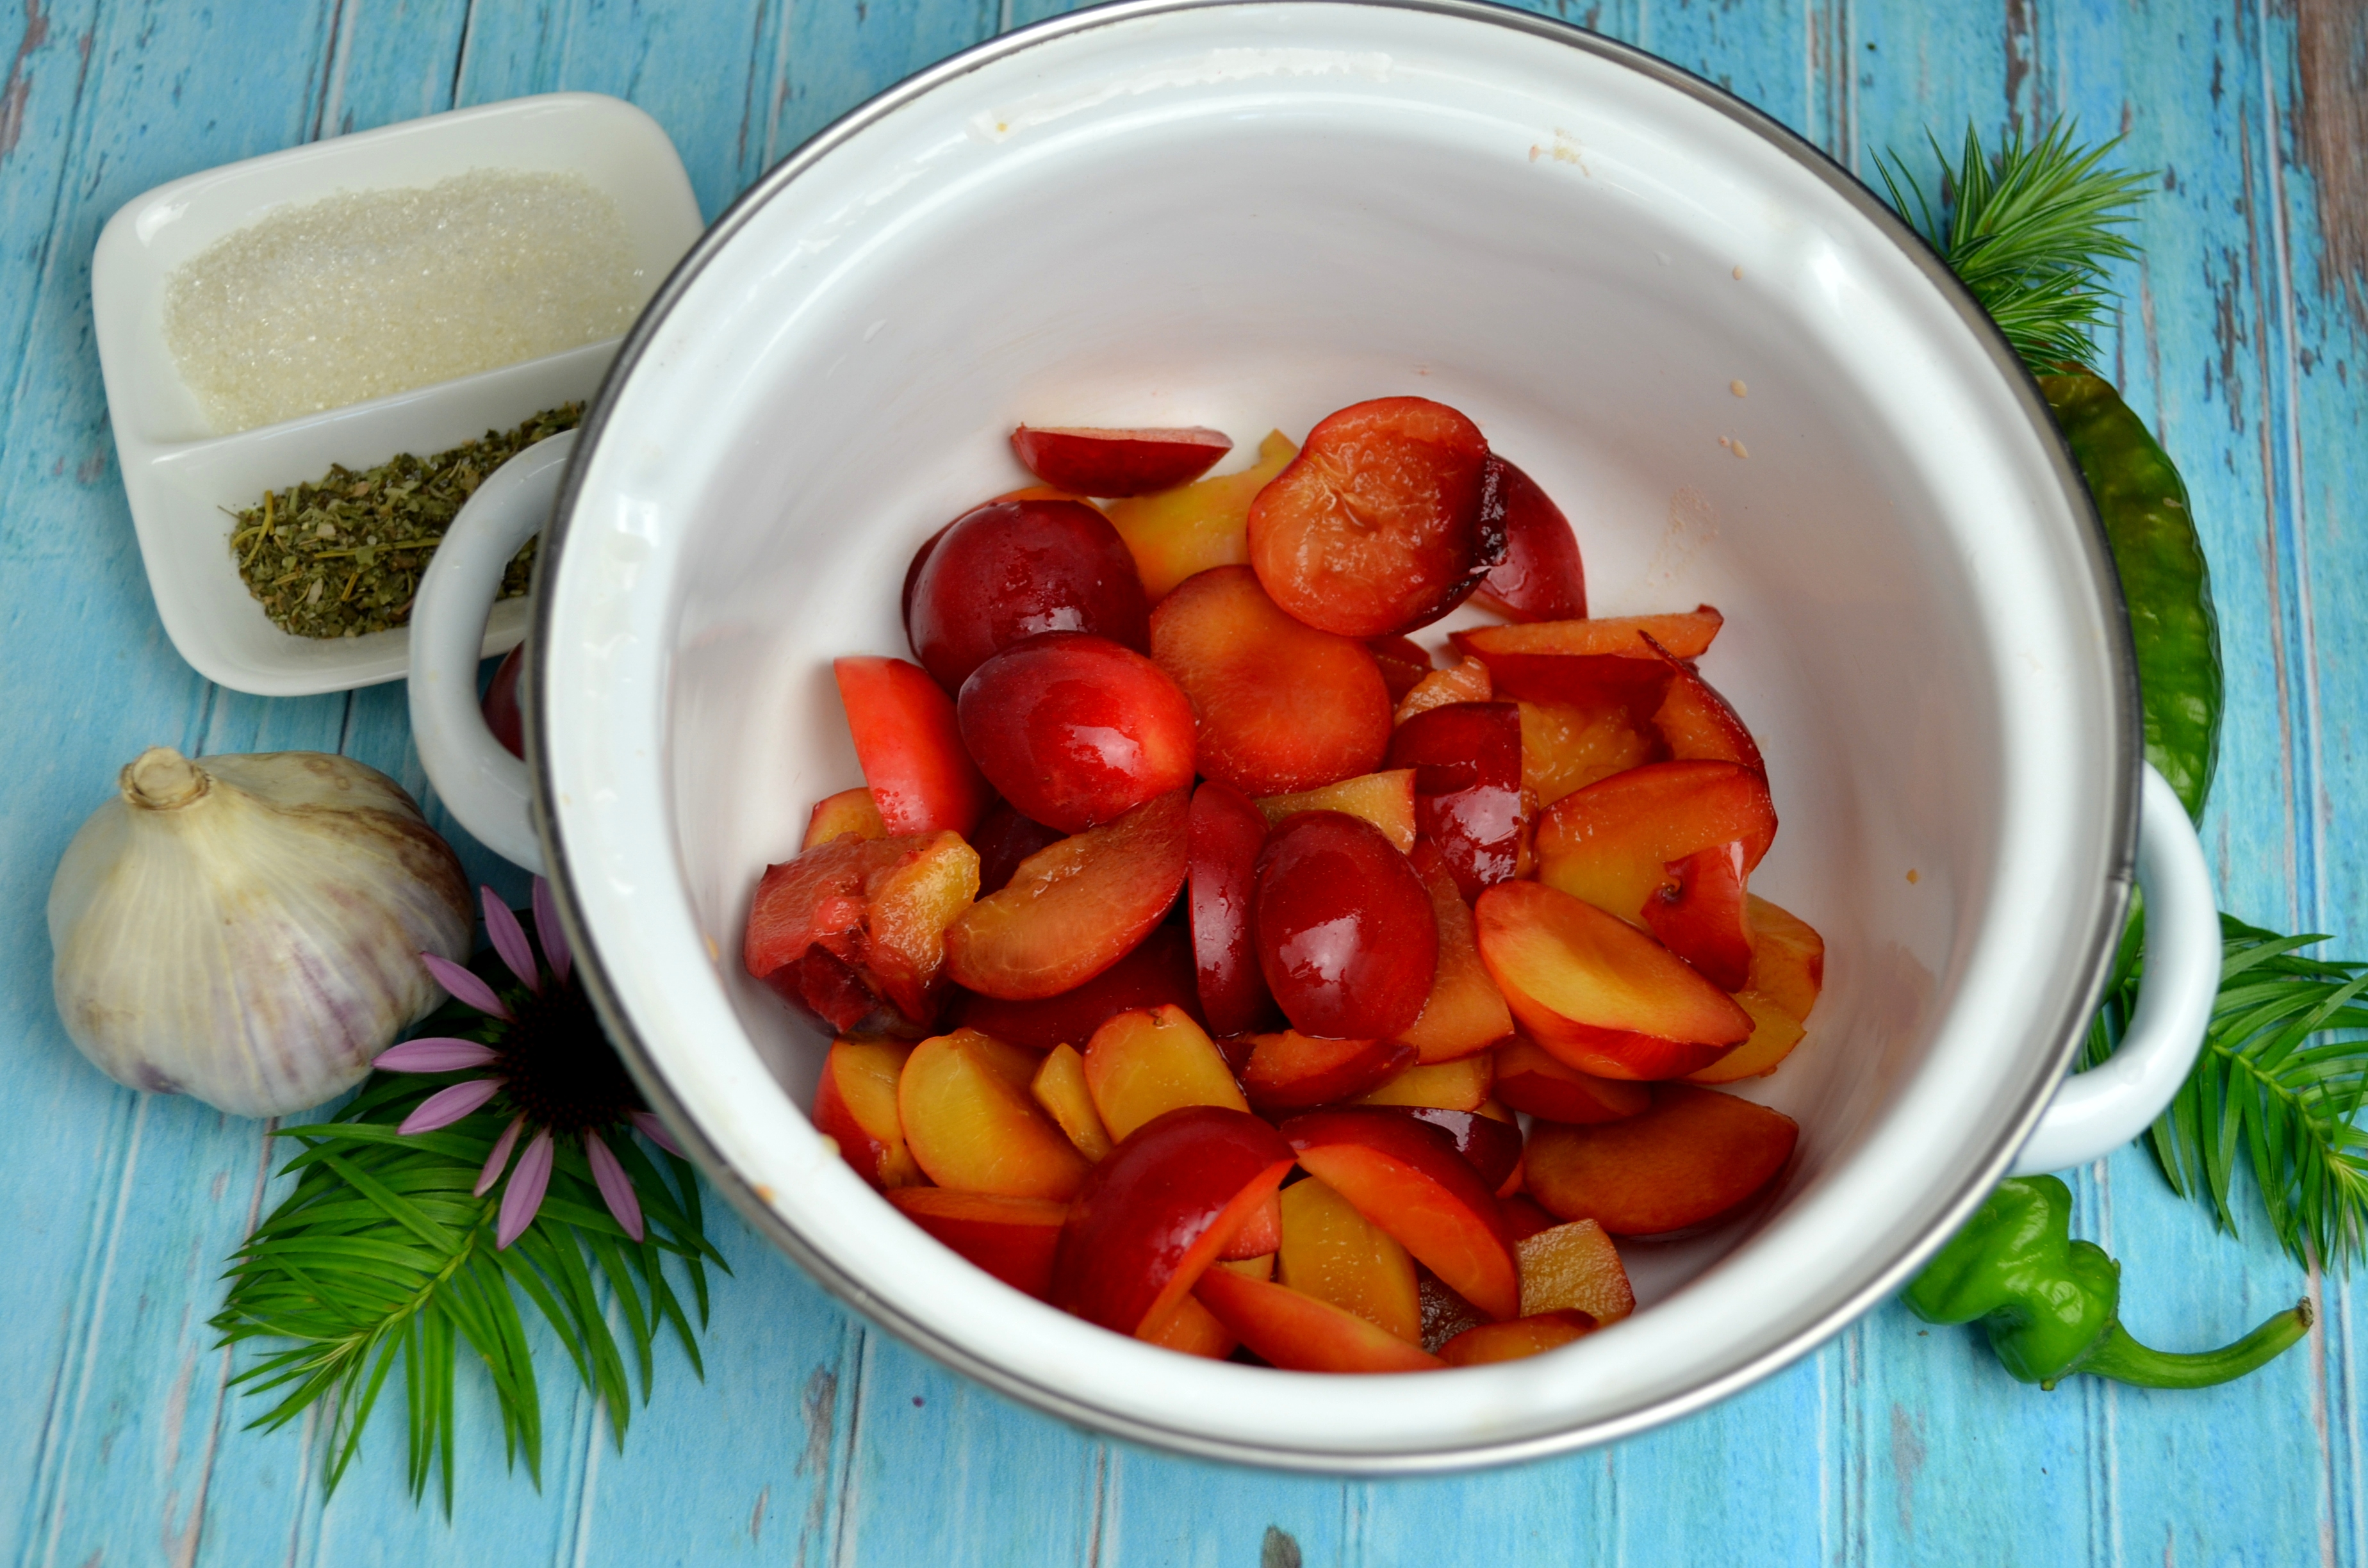 Ткемали из малины и алычи - пошаговый рецепт с фото